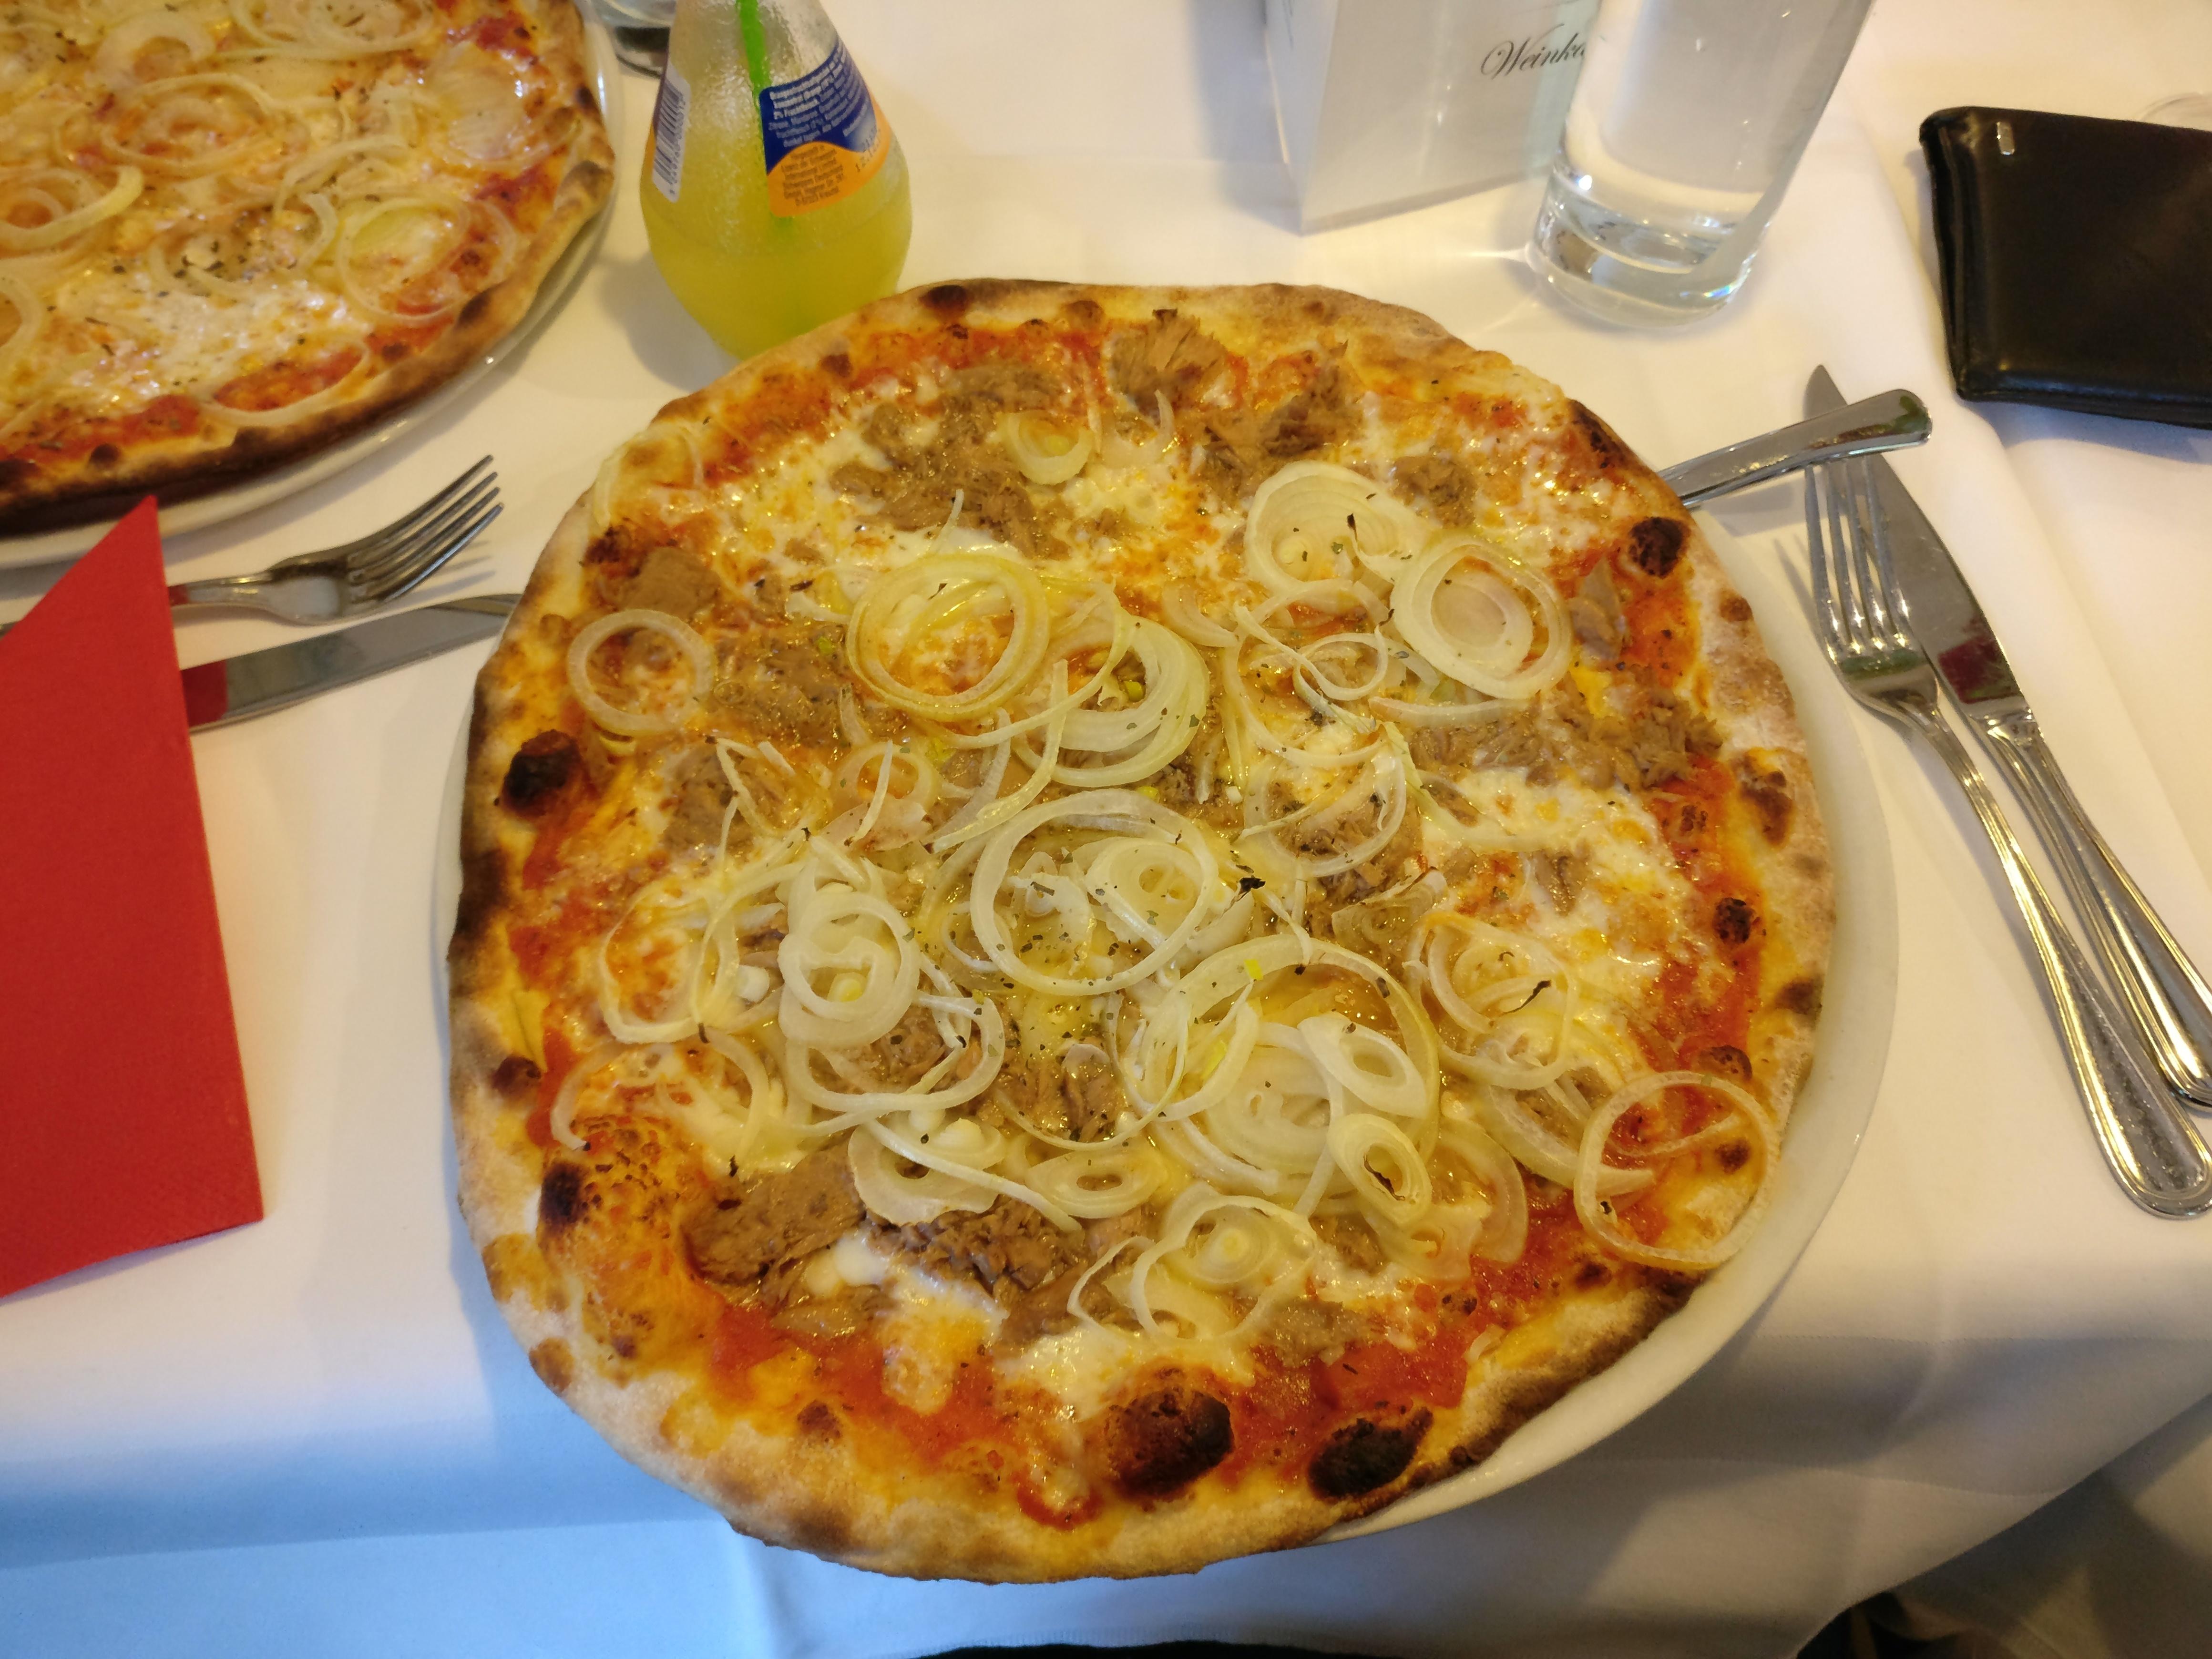 http://foodloader.net/nico_2017-04-27_pizza-thunfisch-zwiebeln.jpg